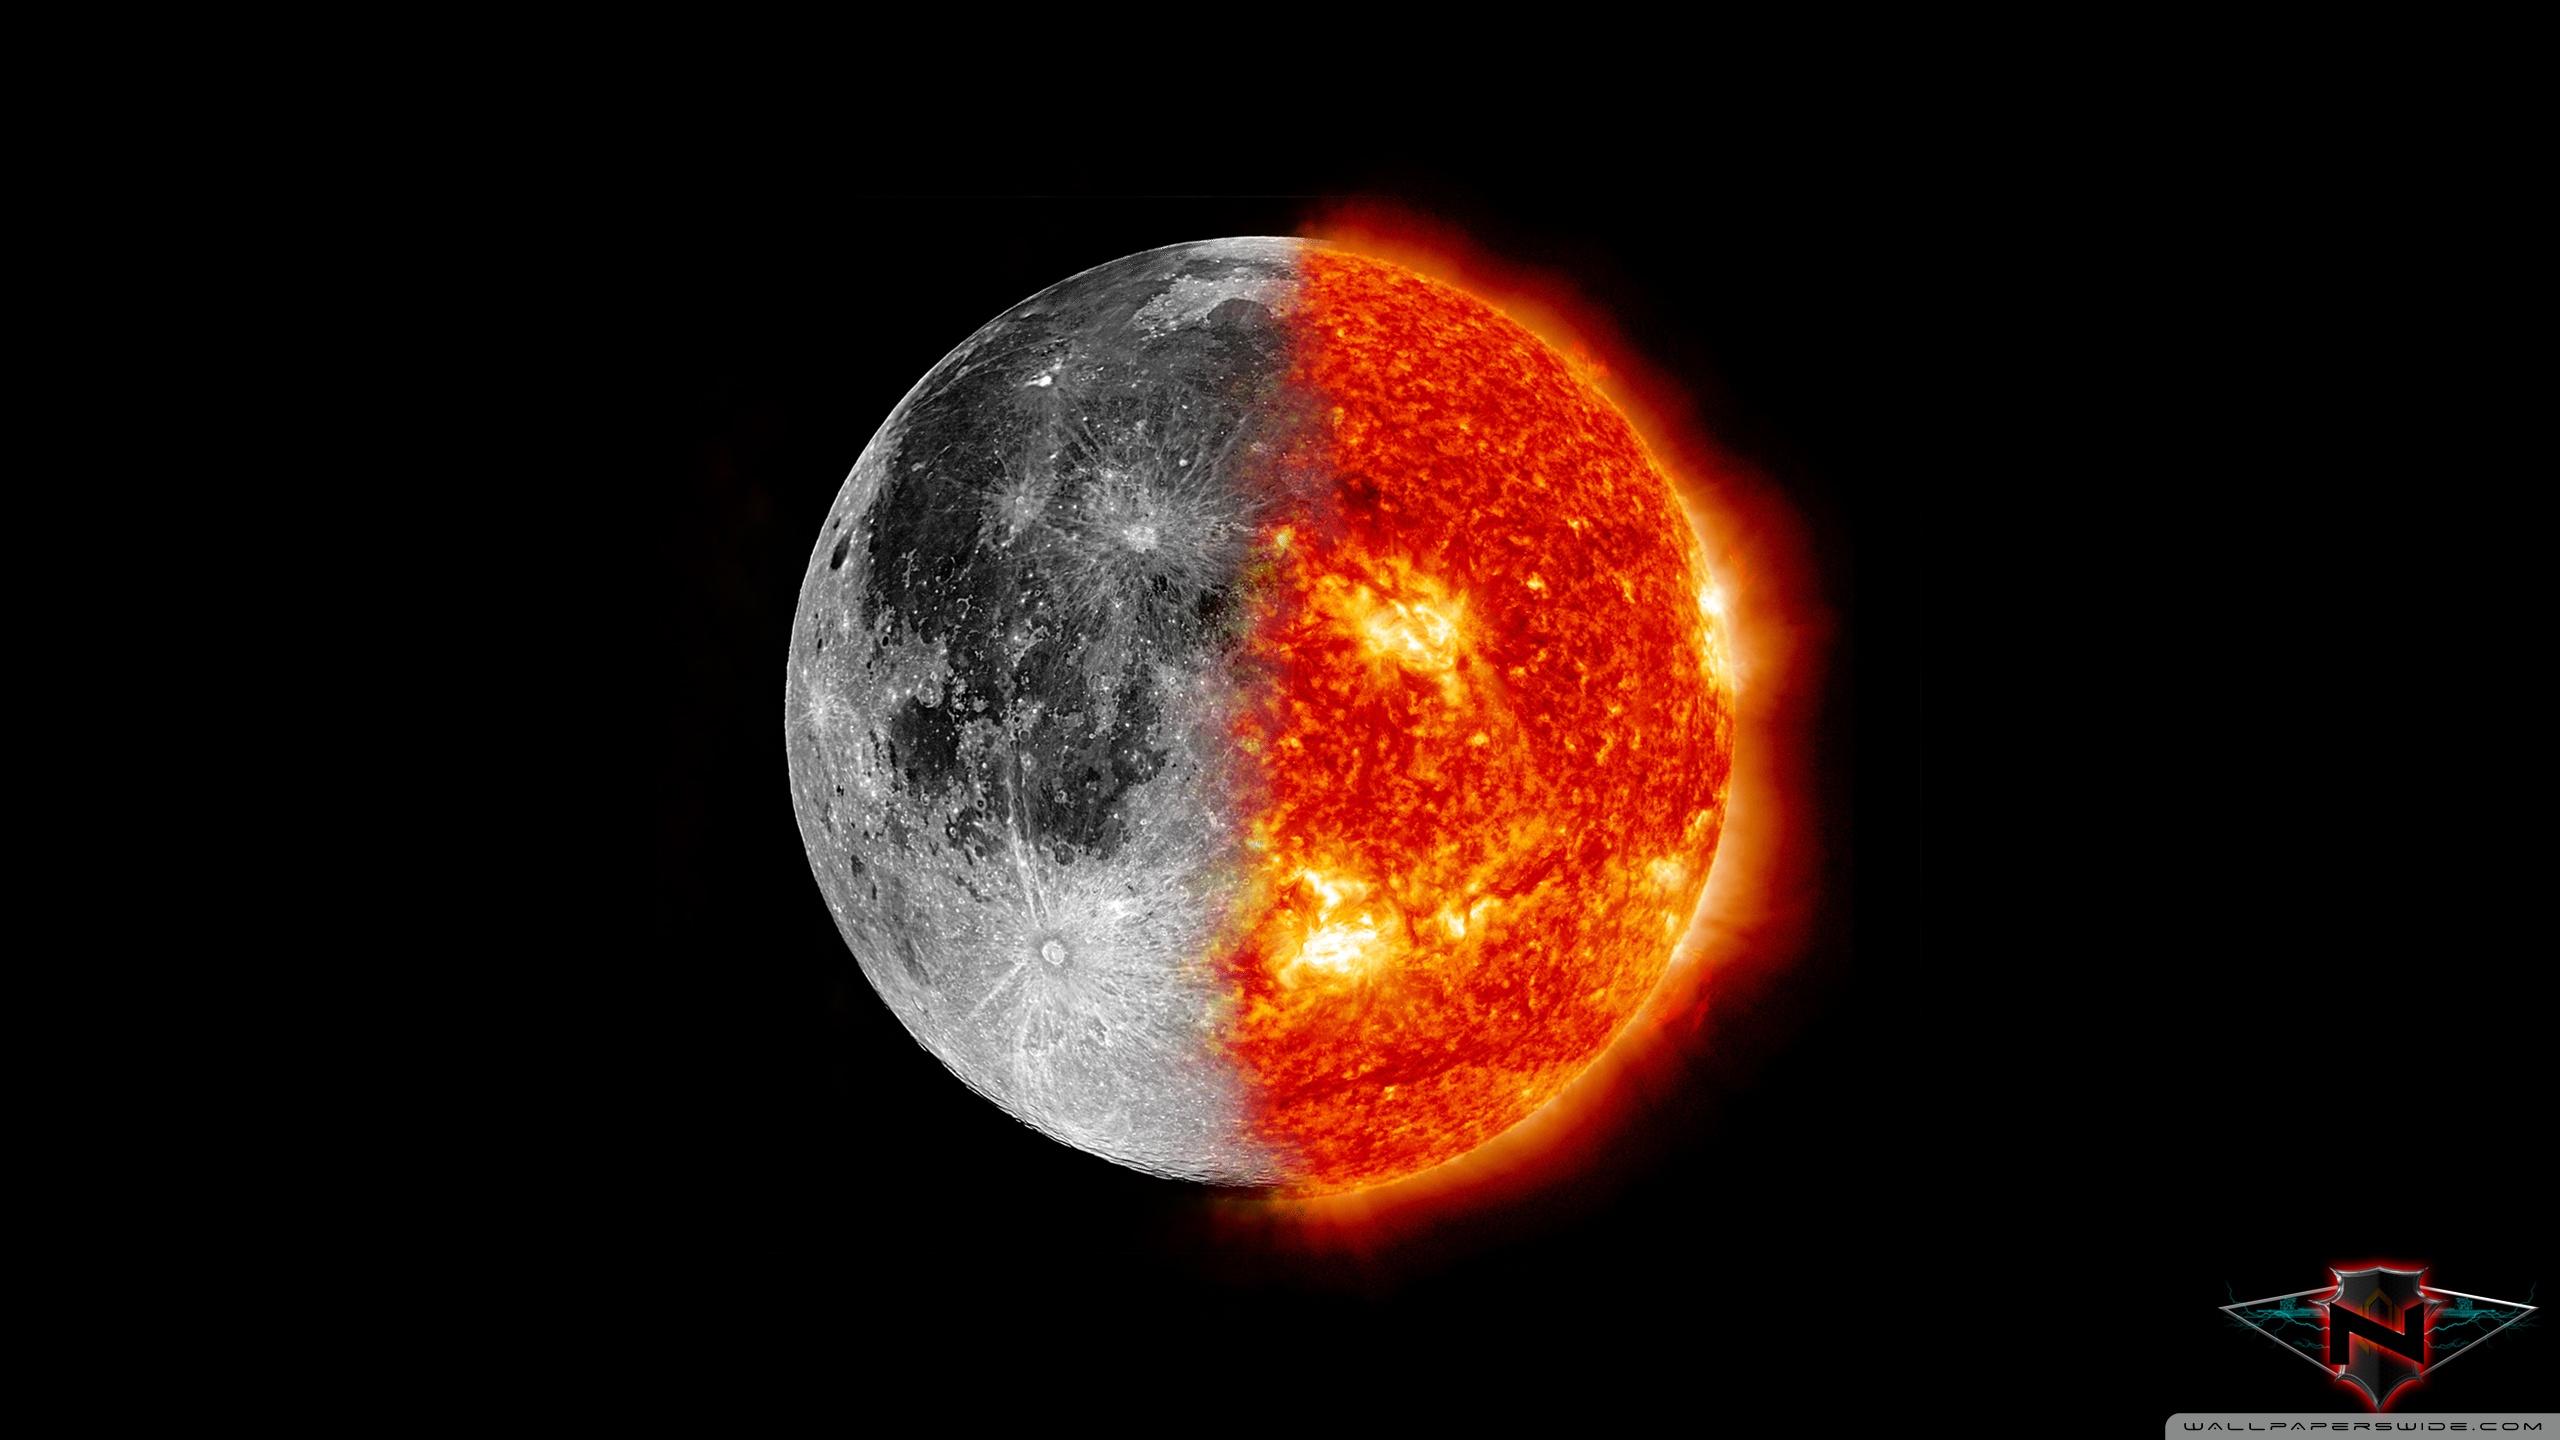 Sun and Moon HD desktop wallpaper : High Definition : Fullscreen